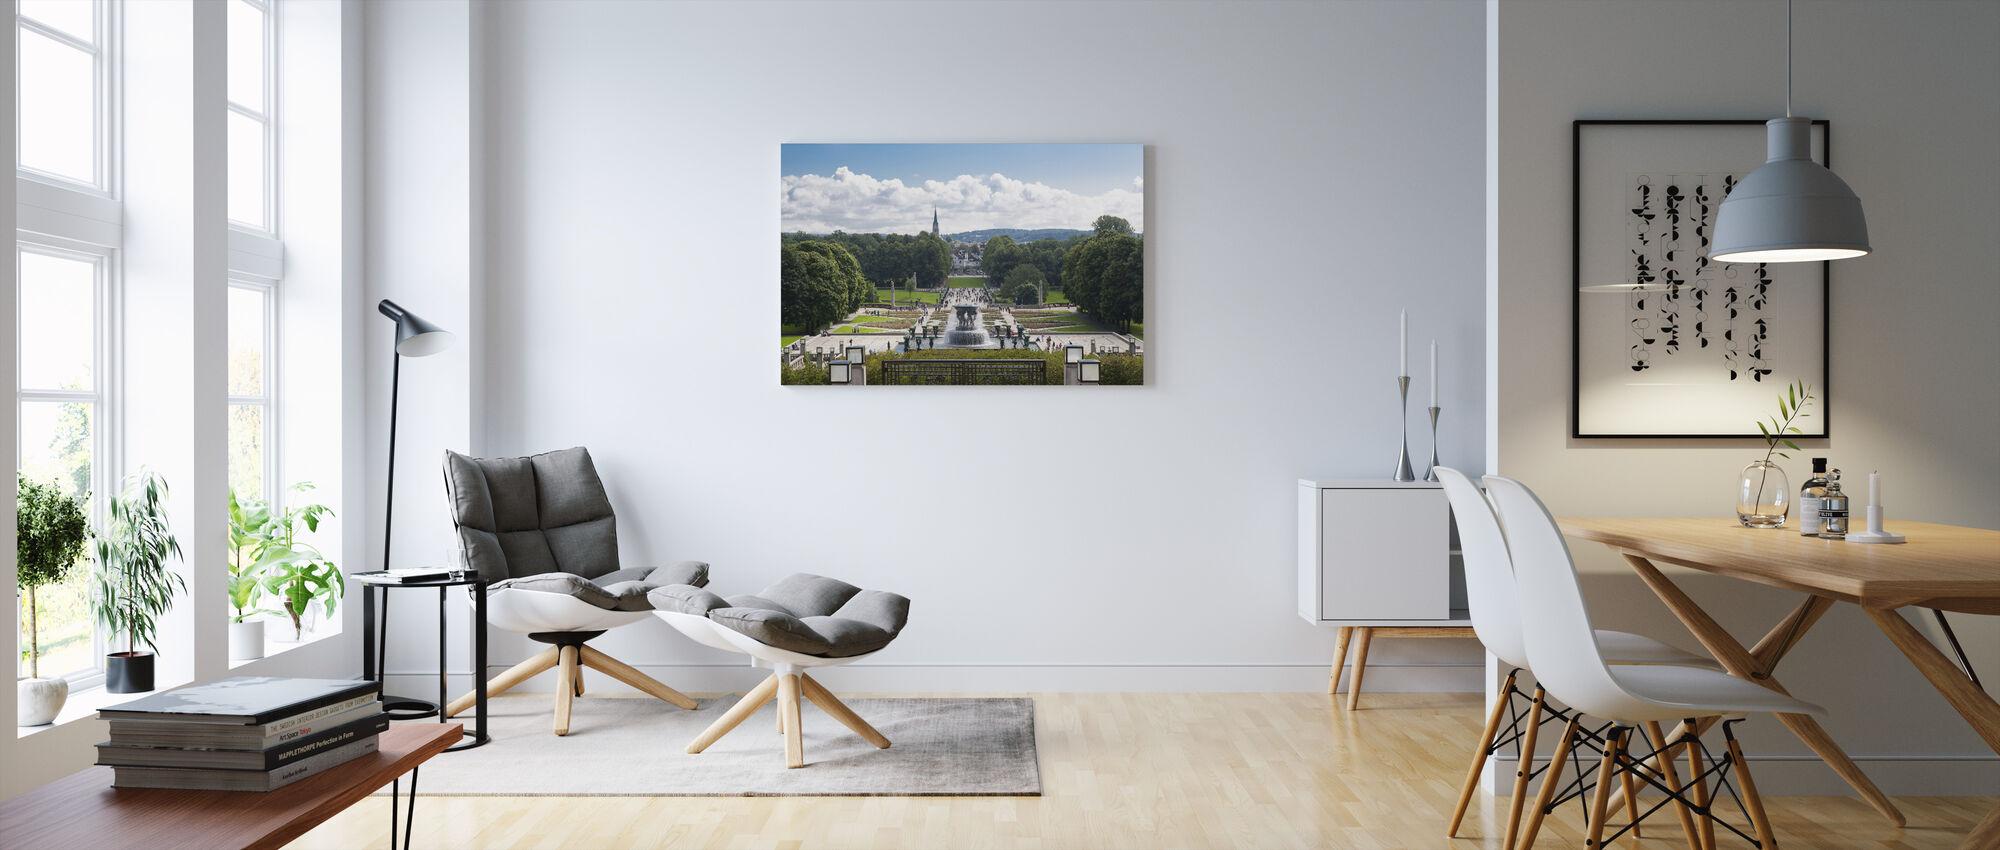 Vigelandin veistospuisto Oslossa, Norja - Canvastaulu - Olohuone